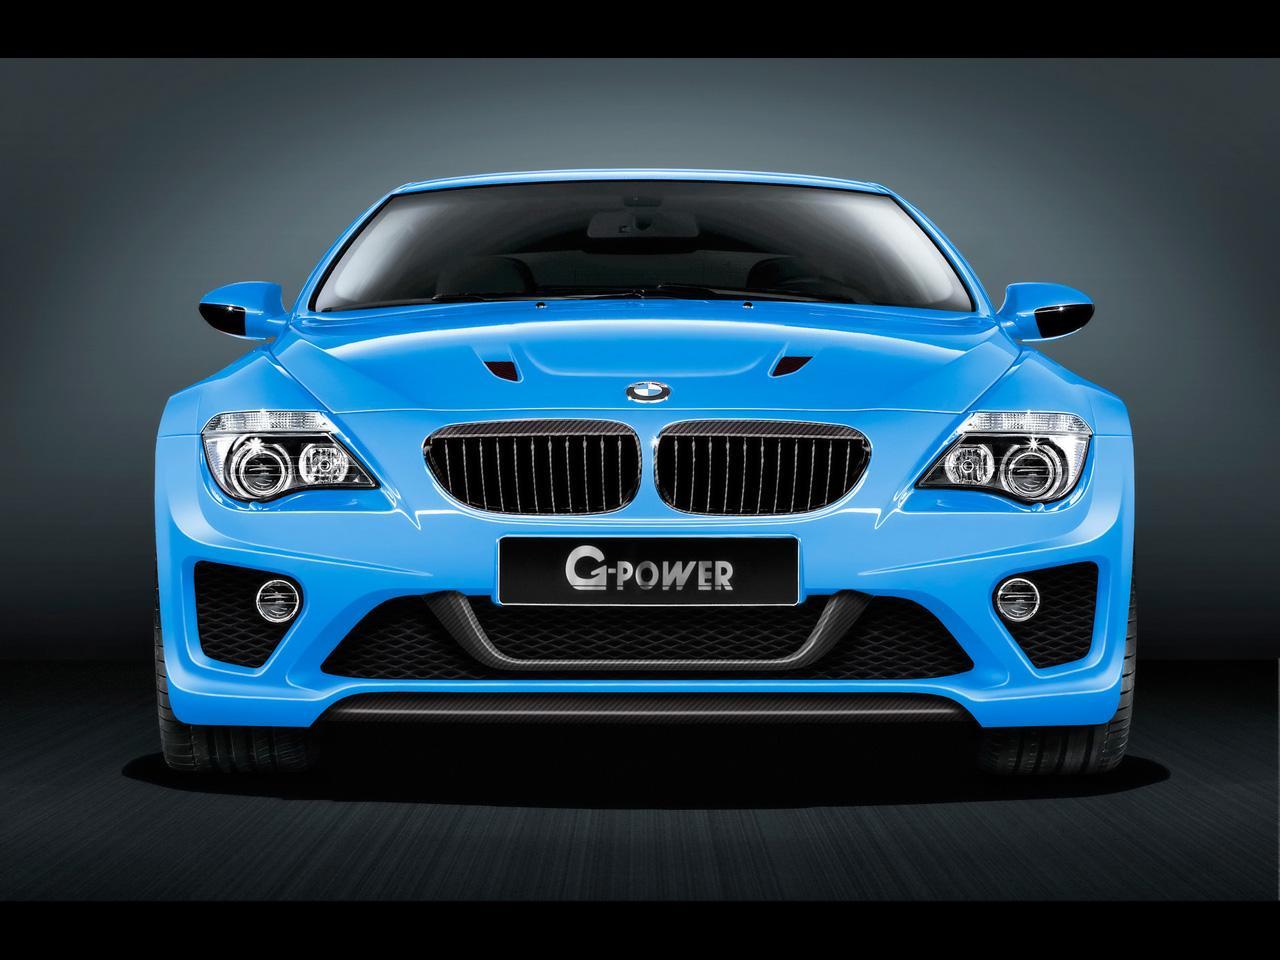 http://3.bp.blogspot.com/-De0jJOKXK3U/TkweKNXc0zI/AAAAAAAAE1U/kkZpCvWIFUc/s1600/BMW_HQ_Wallpaper_new_look_super_style%2B%25284%2529.jpg